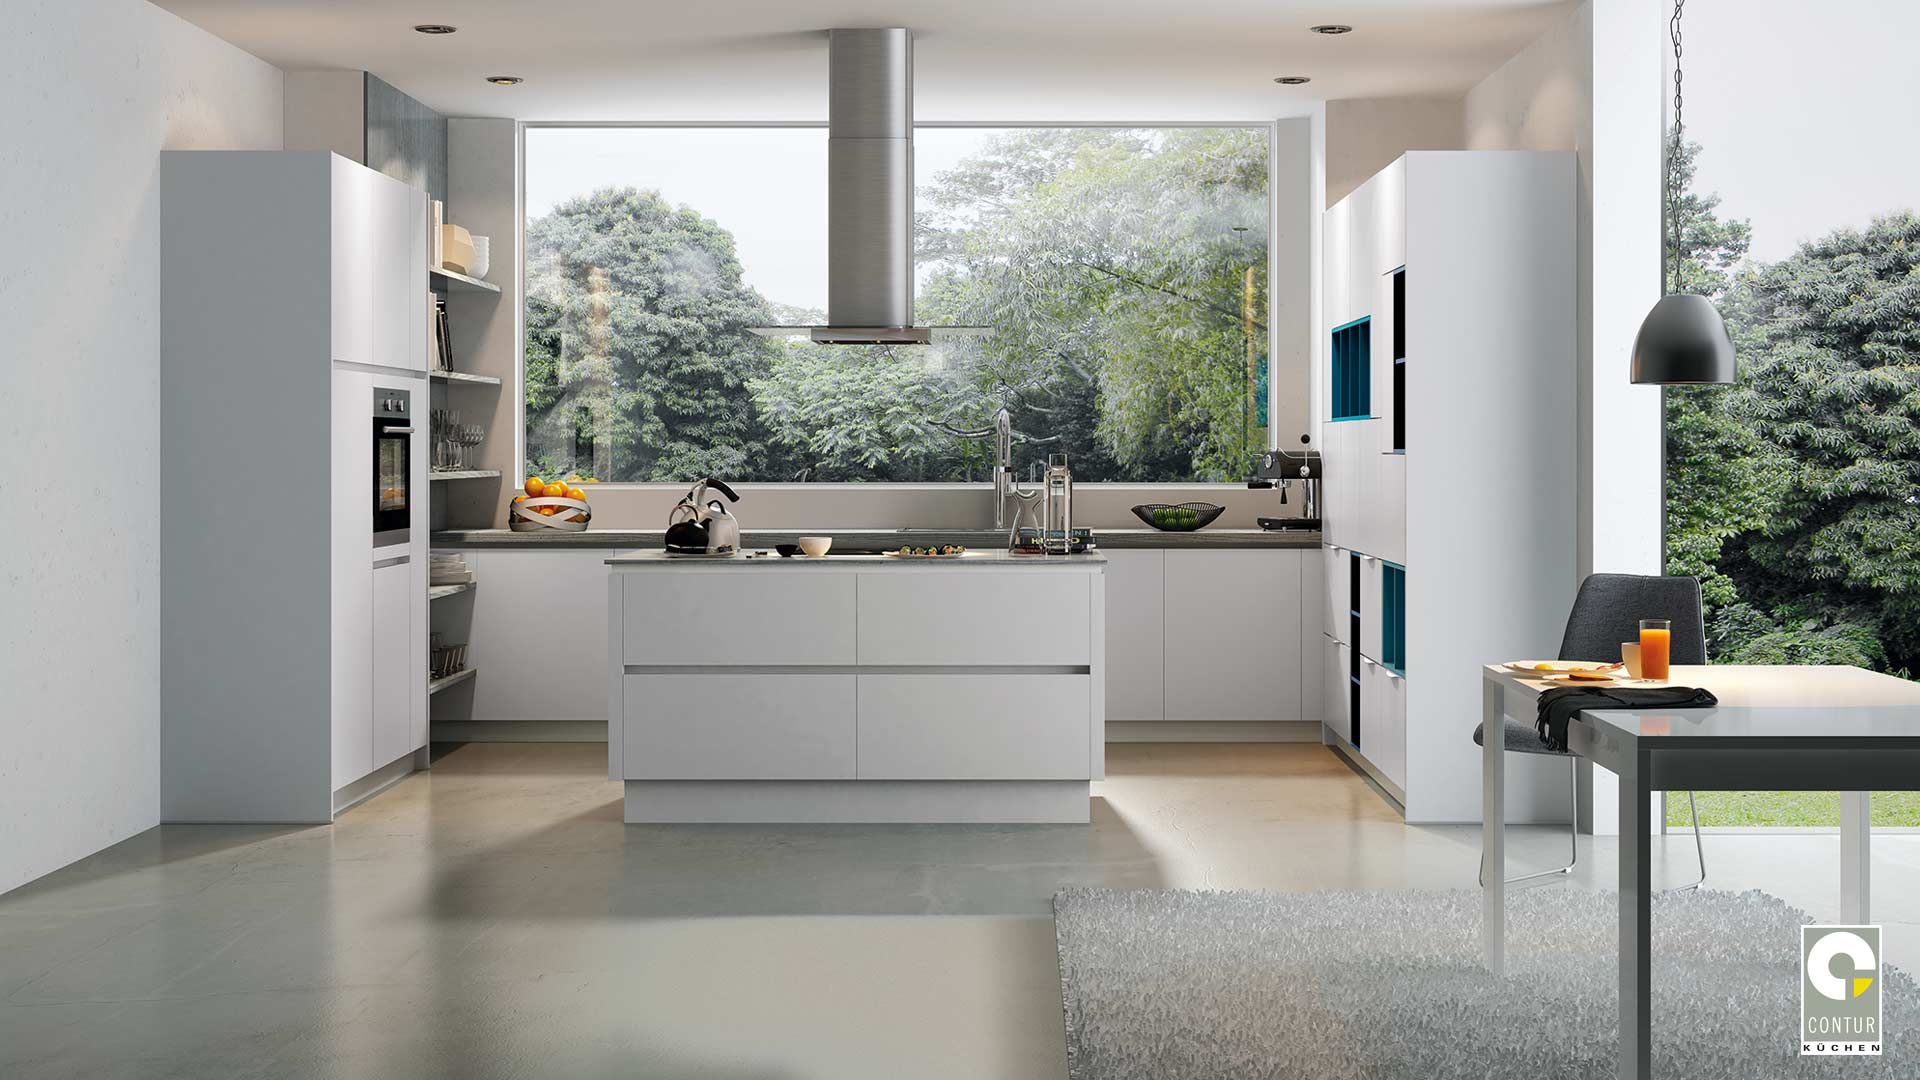 küchenplanung design küchen in kriftel - kÜchenpartner schubbach, Kuchen dekoo